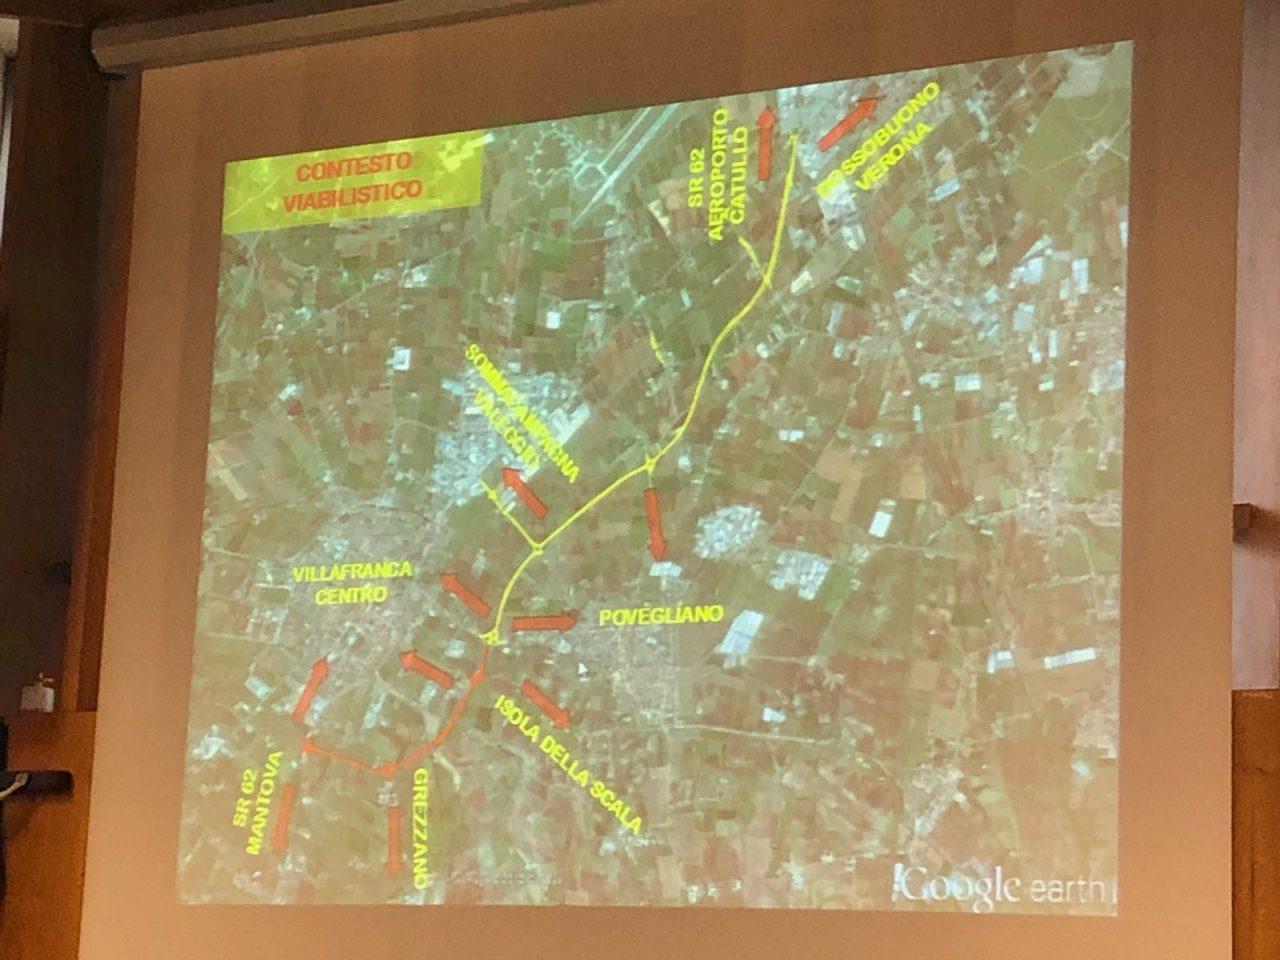 Grezzanella, l'assessore De Berti annuncia che manca poco alla realizzazione dell'opera tanto attesa per liberare il centro di Villafranca dal traffico.